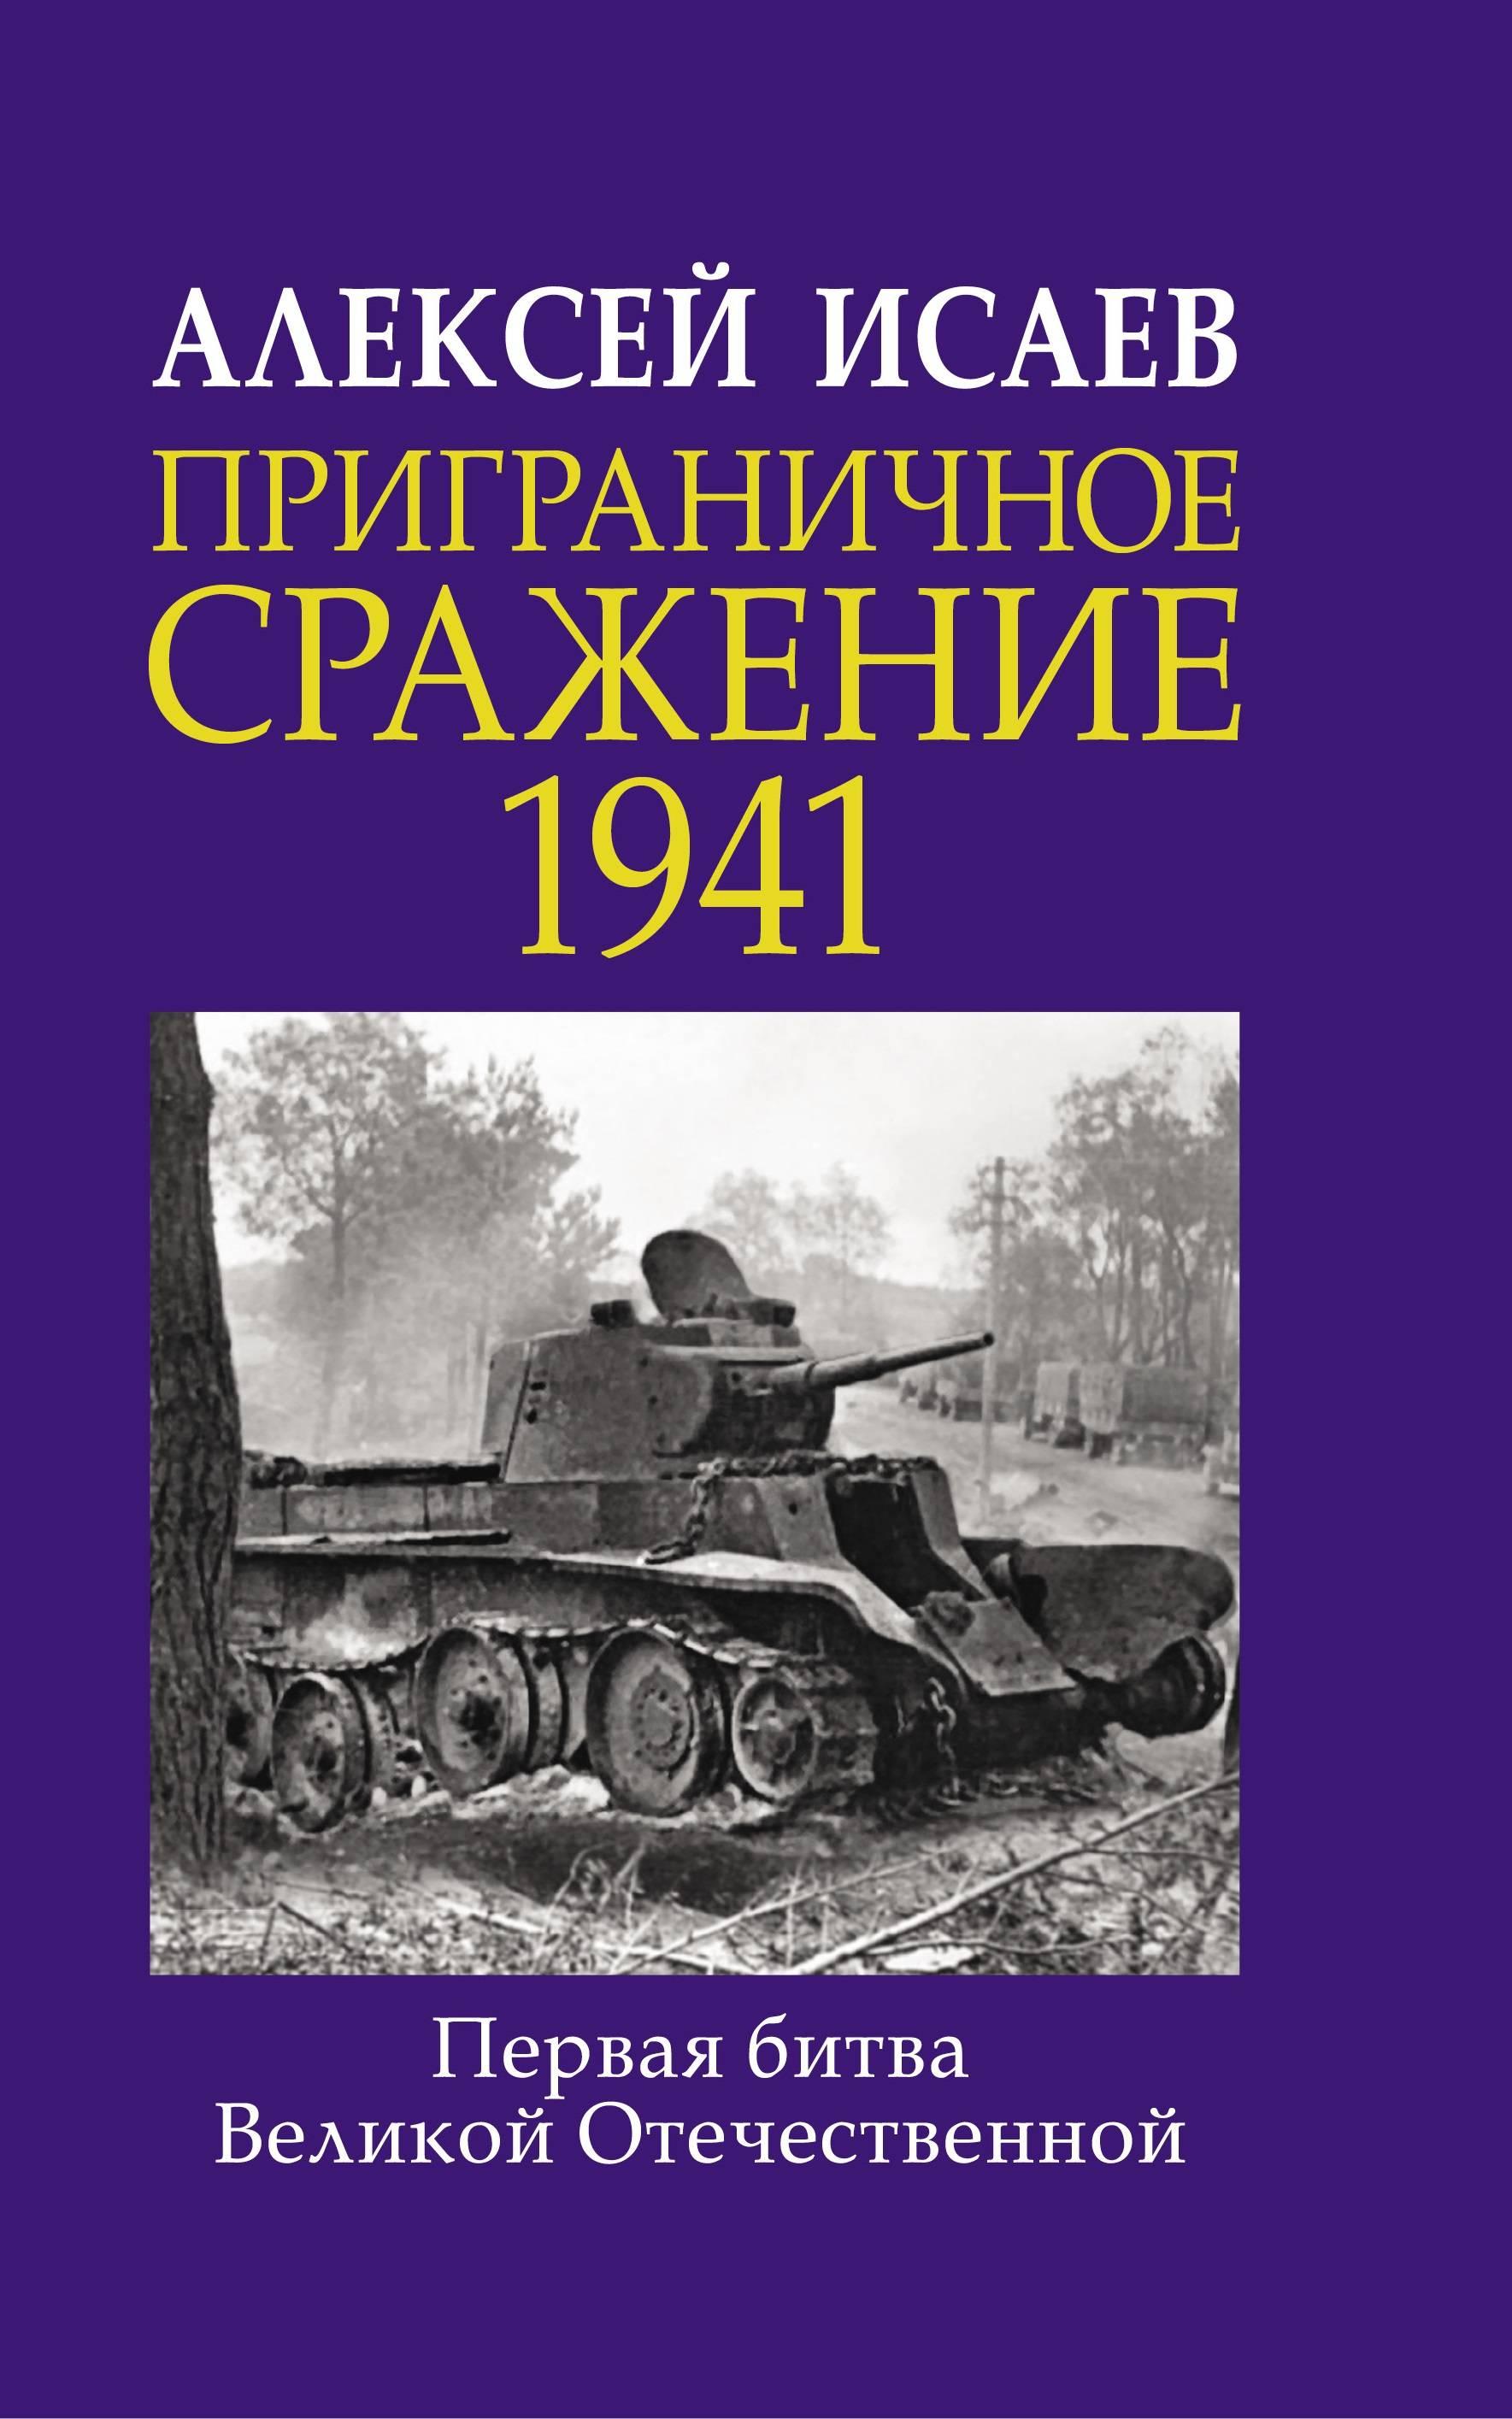 Prigranichnoe srazhenie 1941. Pervaja bitva Velikoj Otechestvennoj.